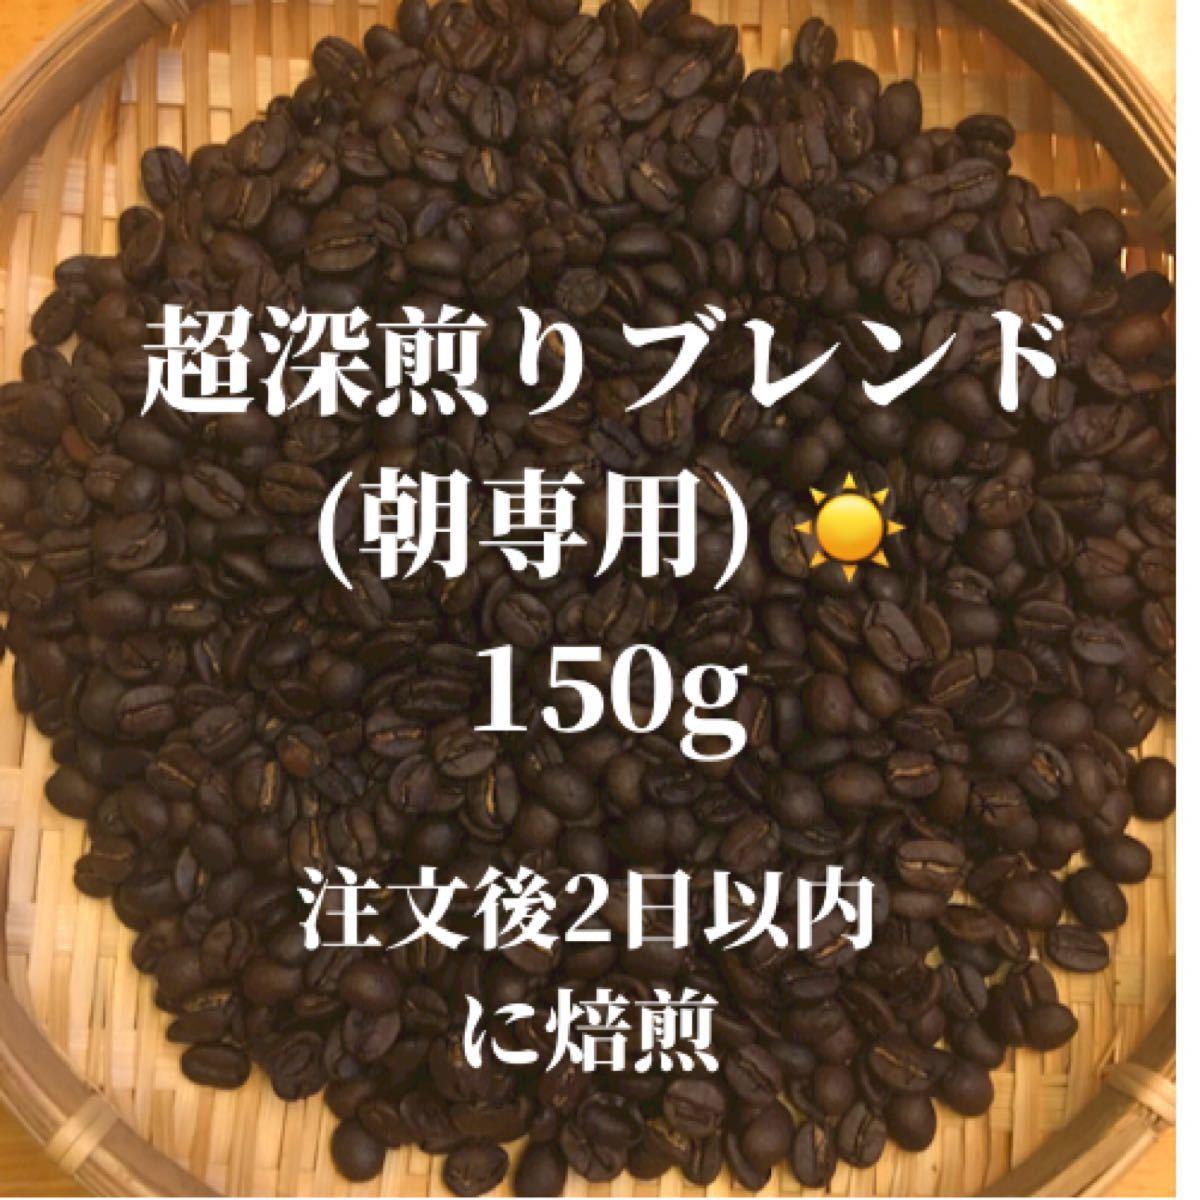 自家焙煎  超深煎りブレンド  (朝専用)150g(豆又は粉)匿名配送弍